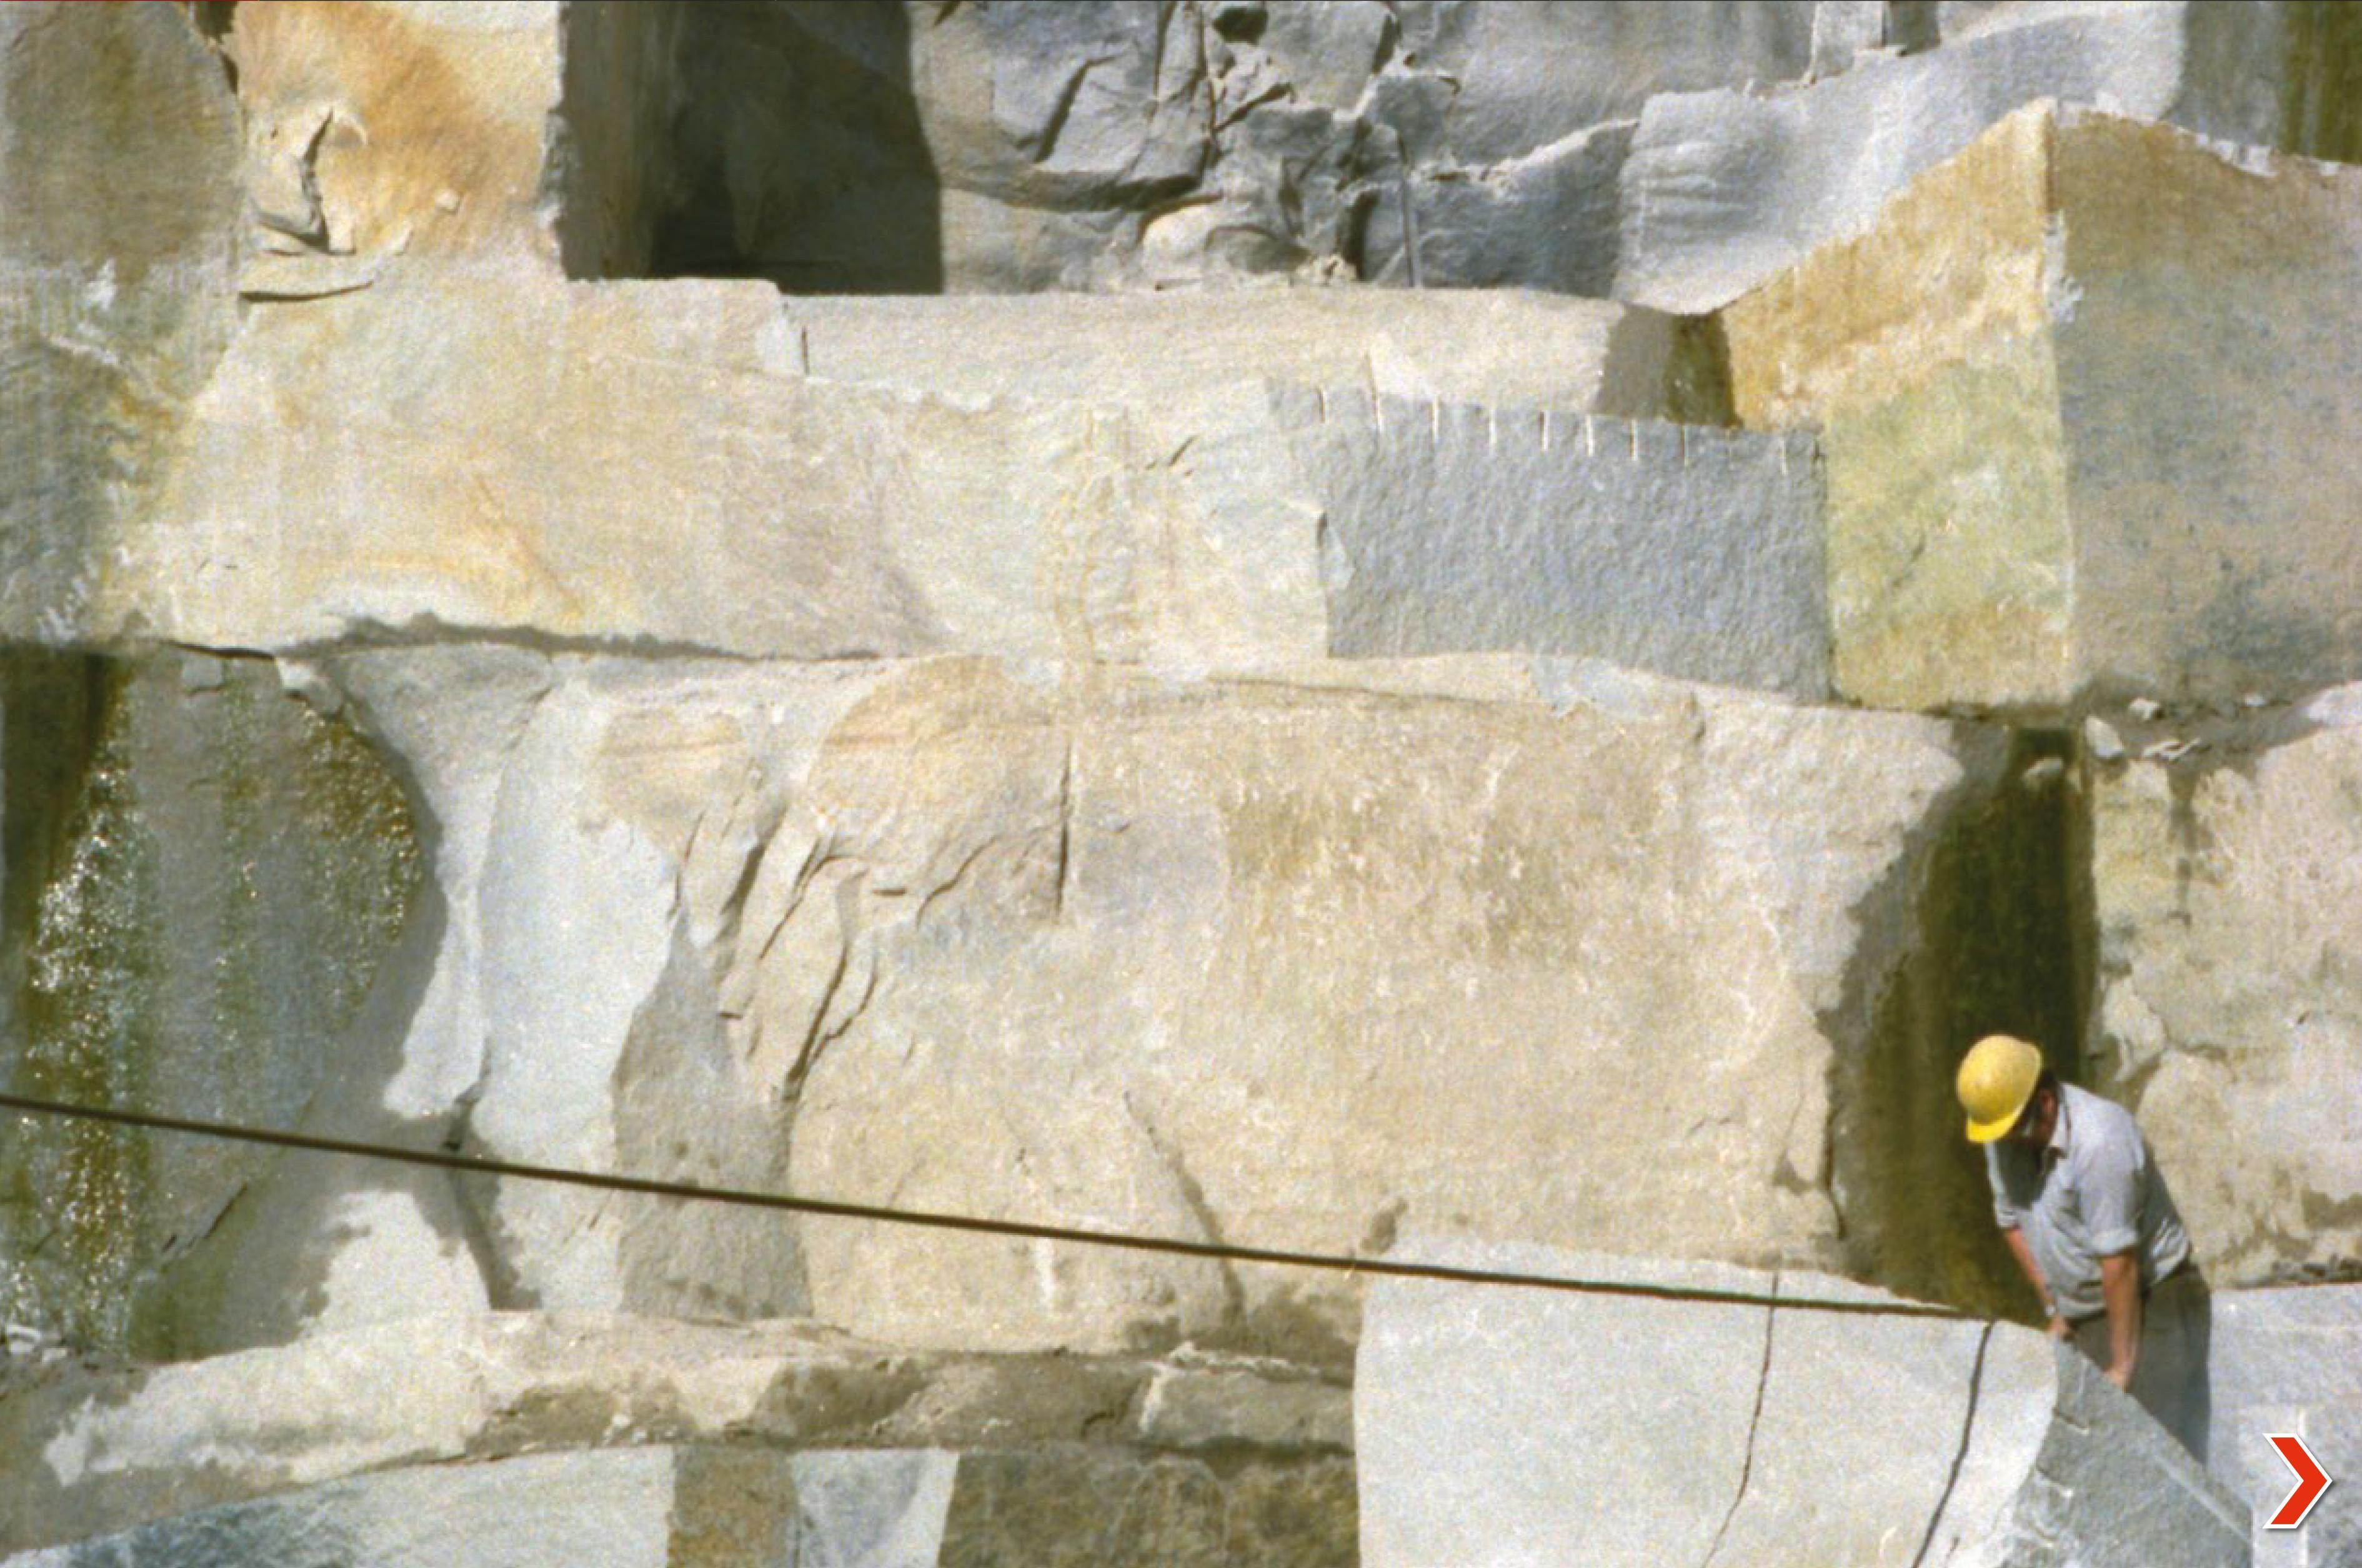 WS Granit Natursteine GmbH